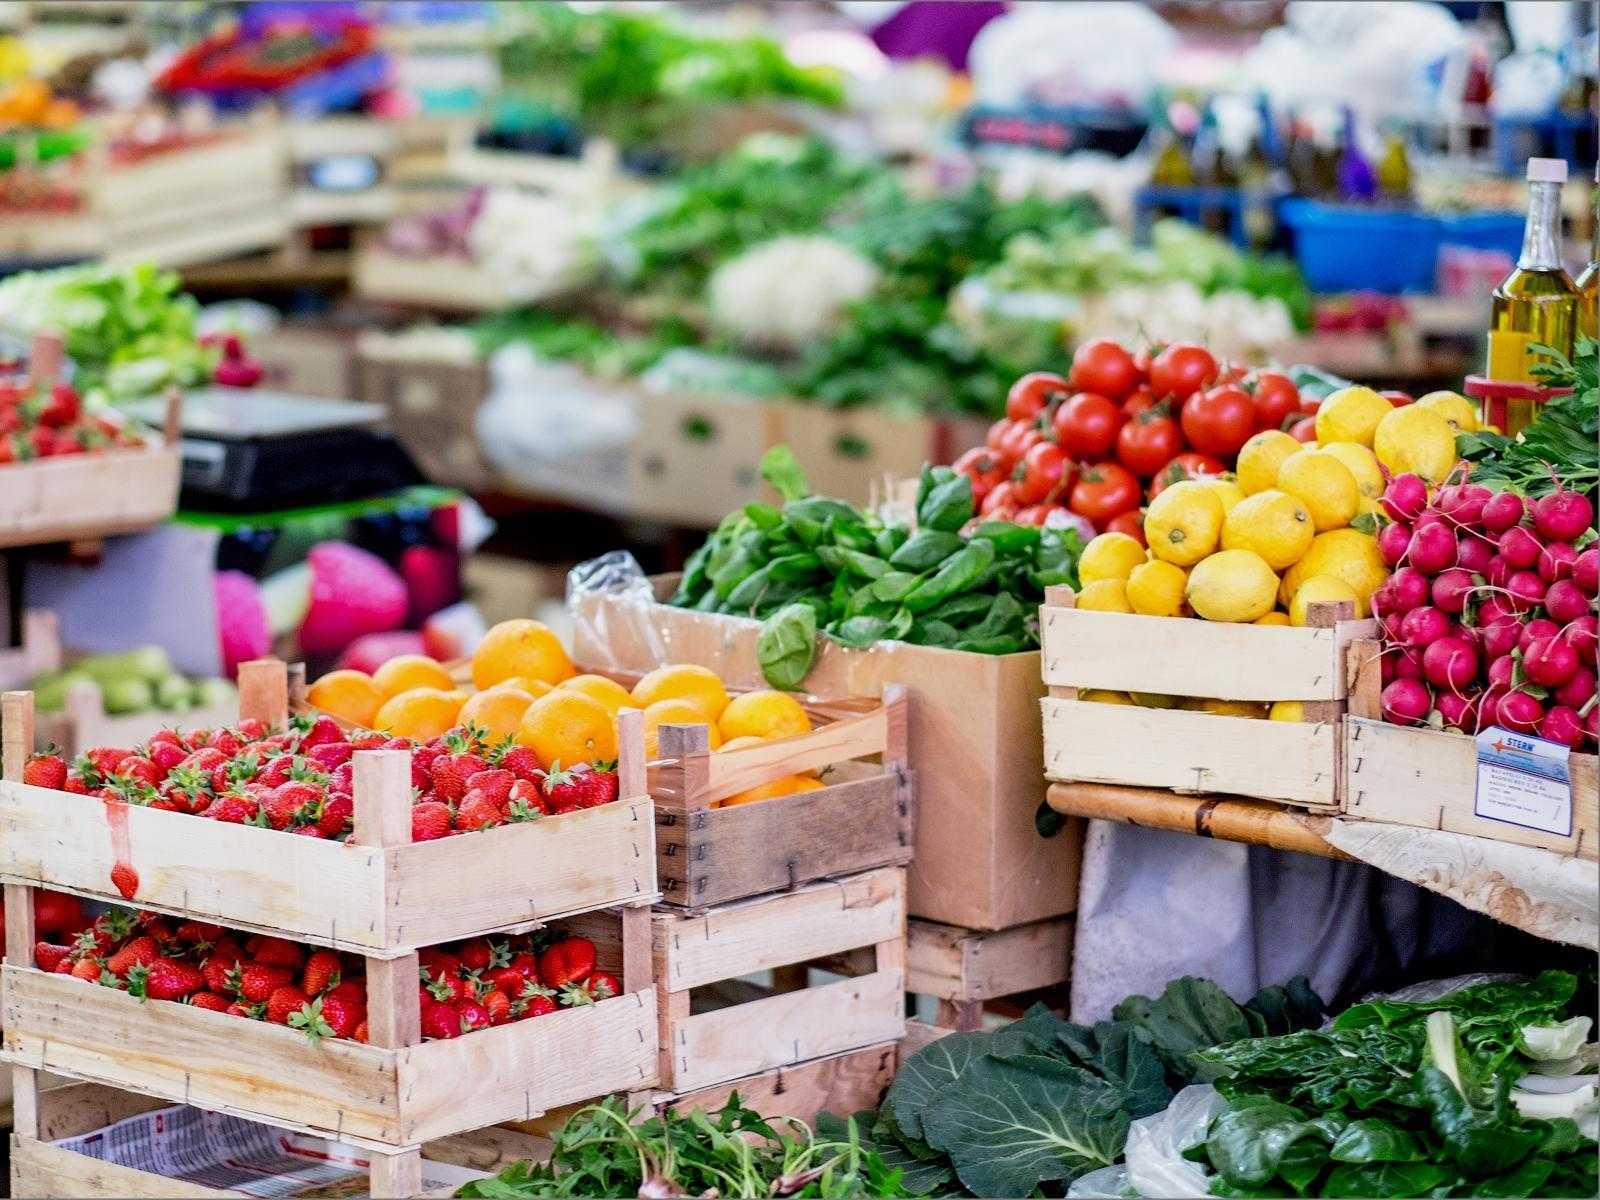 Правила и антиправила для успешного фермера. советы экономистов и агробизнесменов